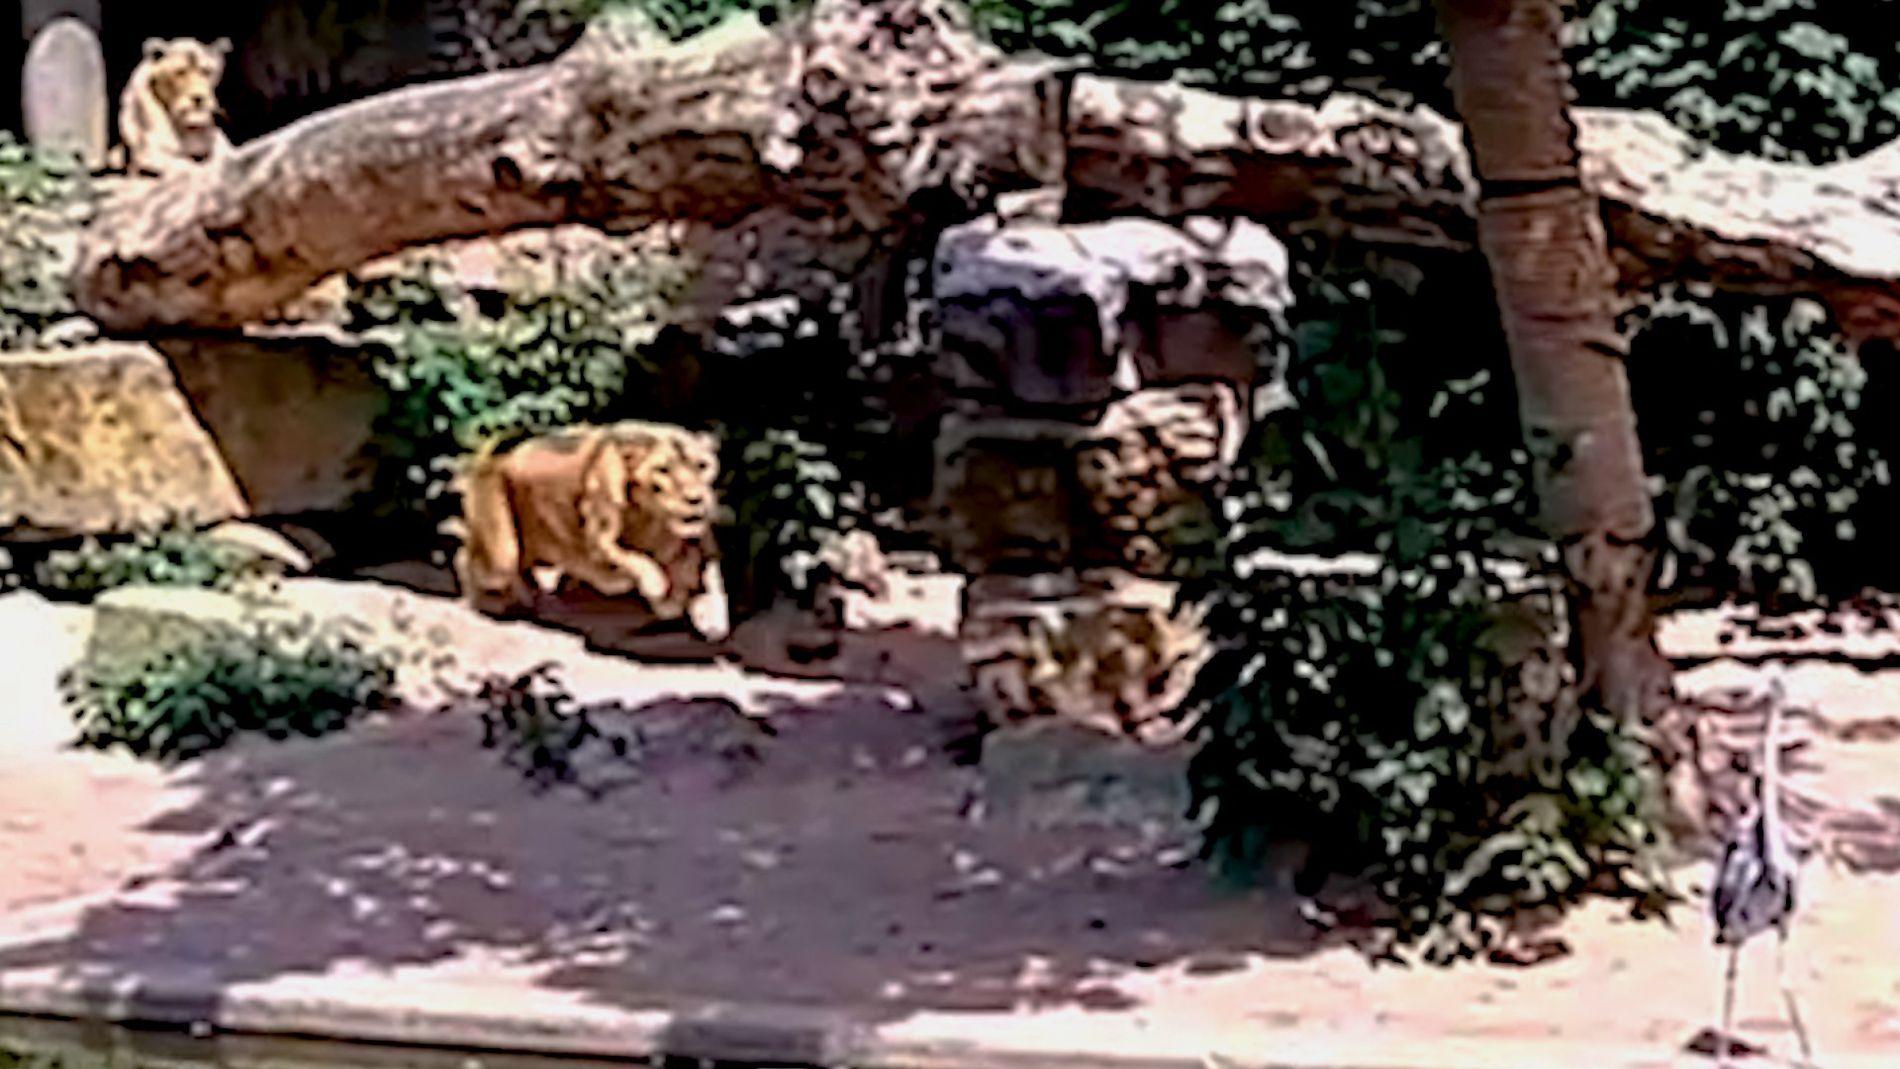 Veja Leão a Atacar uma Garça num Zoológico em Amsterdão